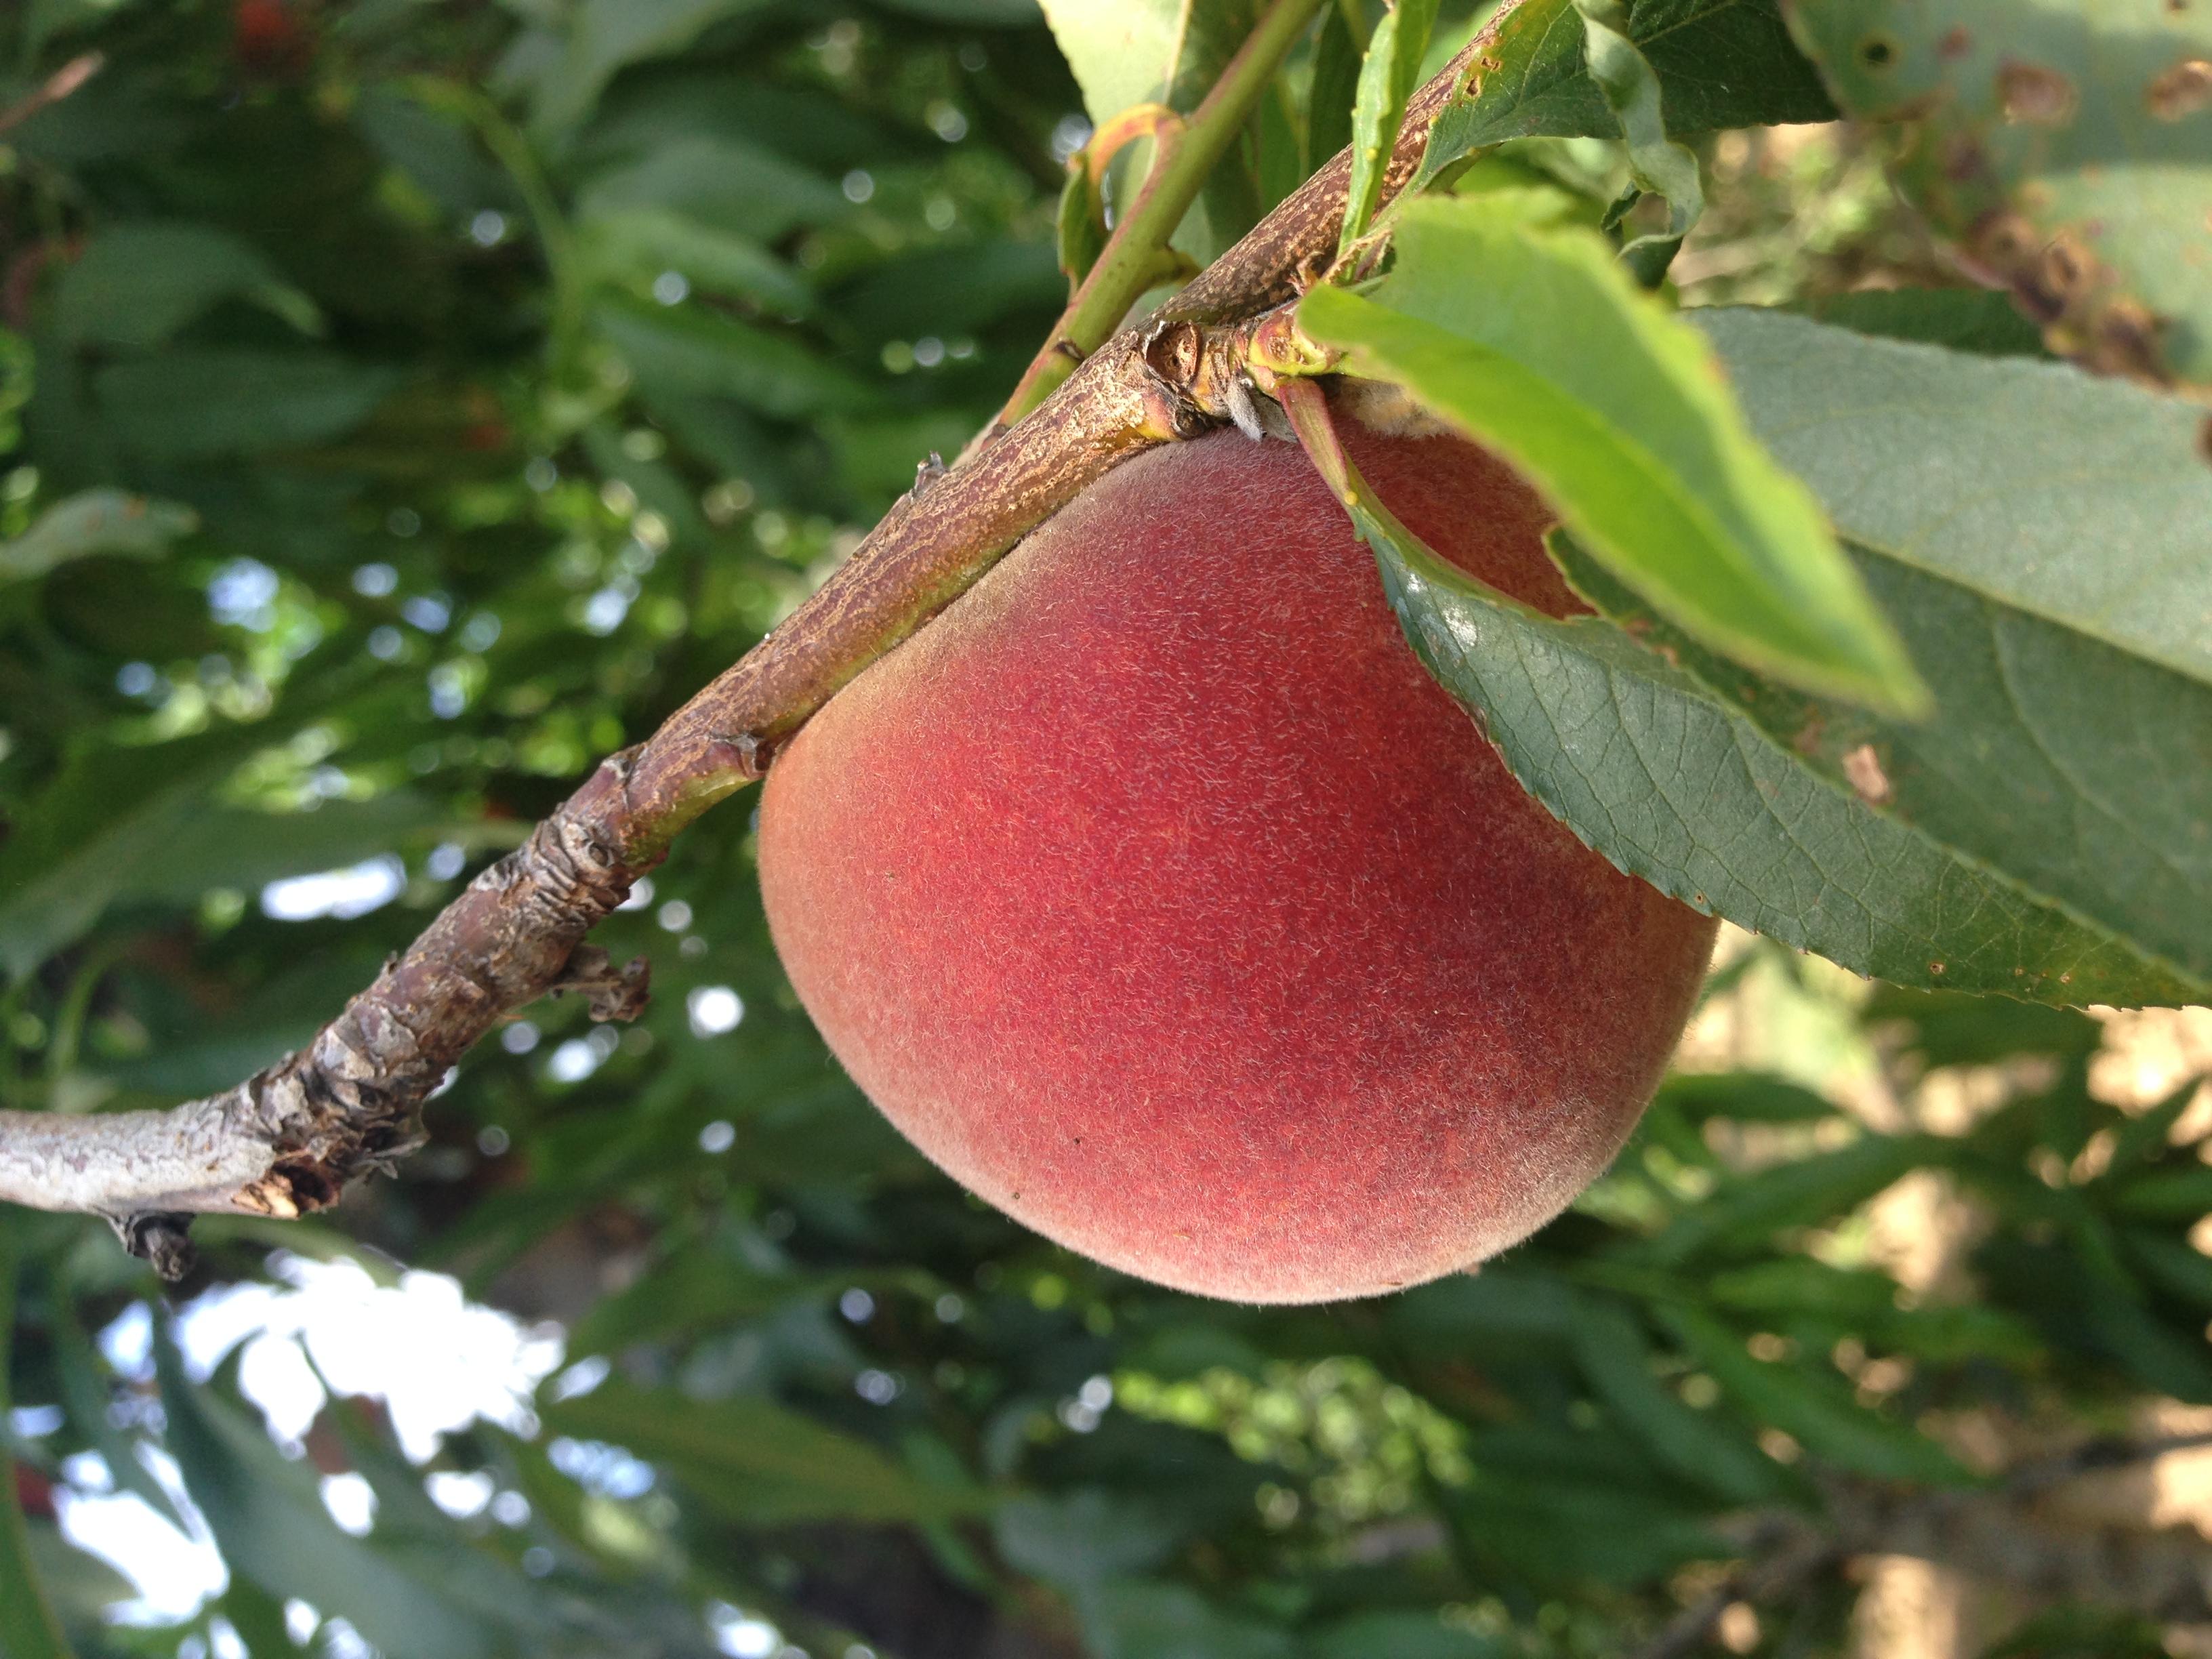 Yellow Freestone Peach